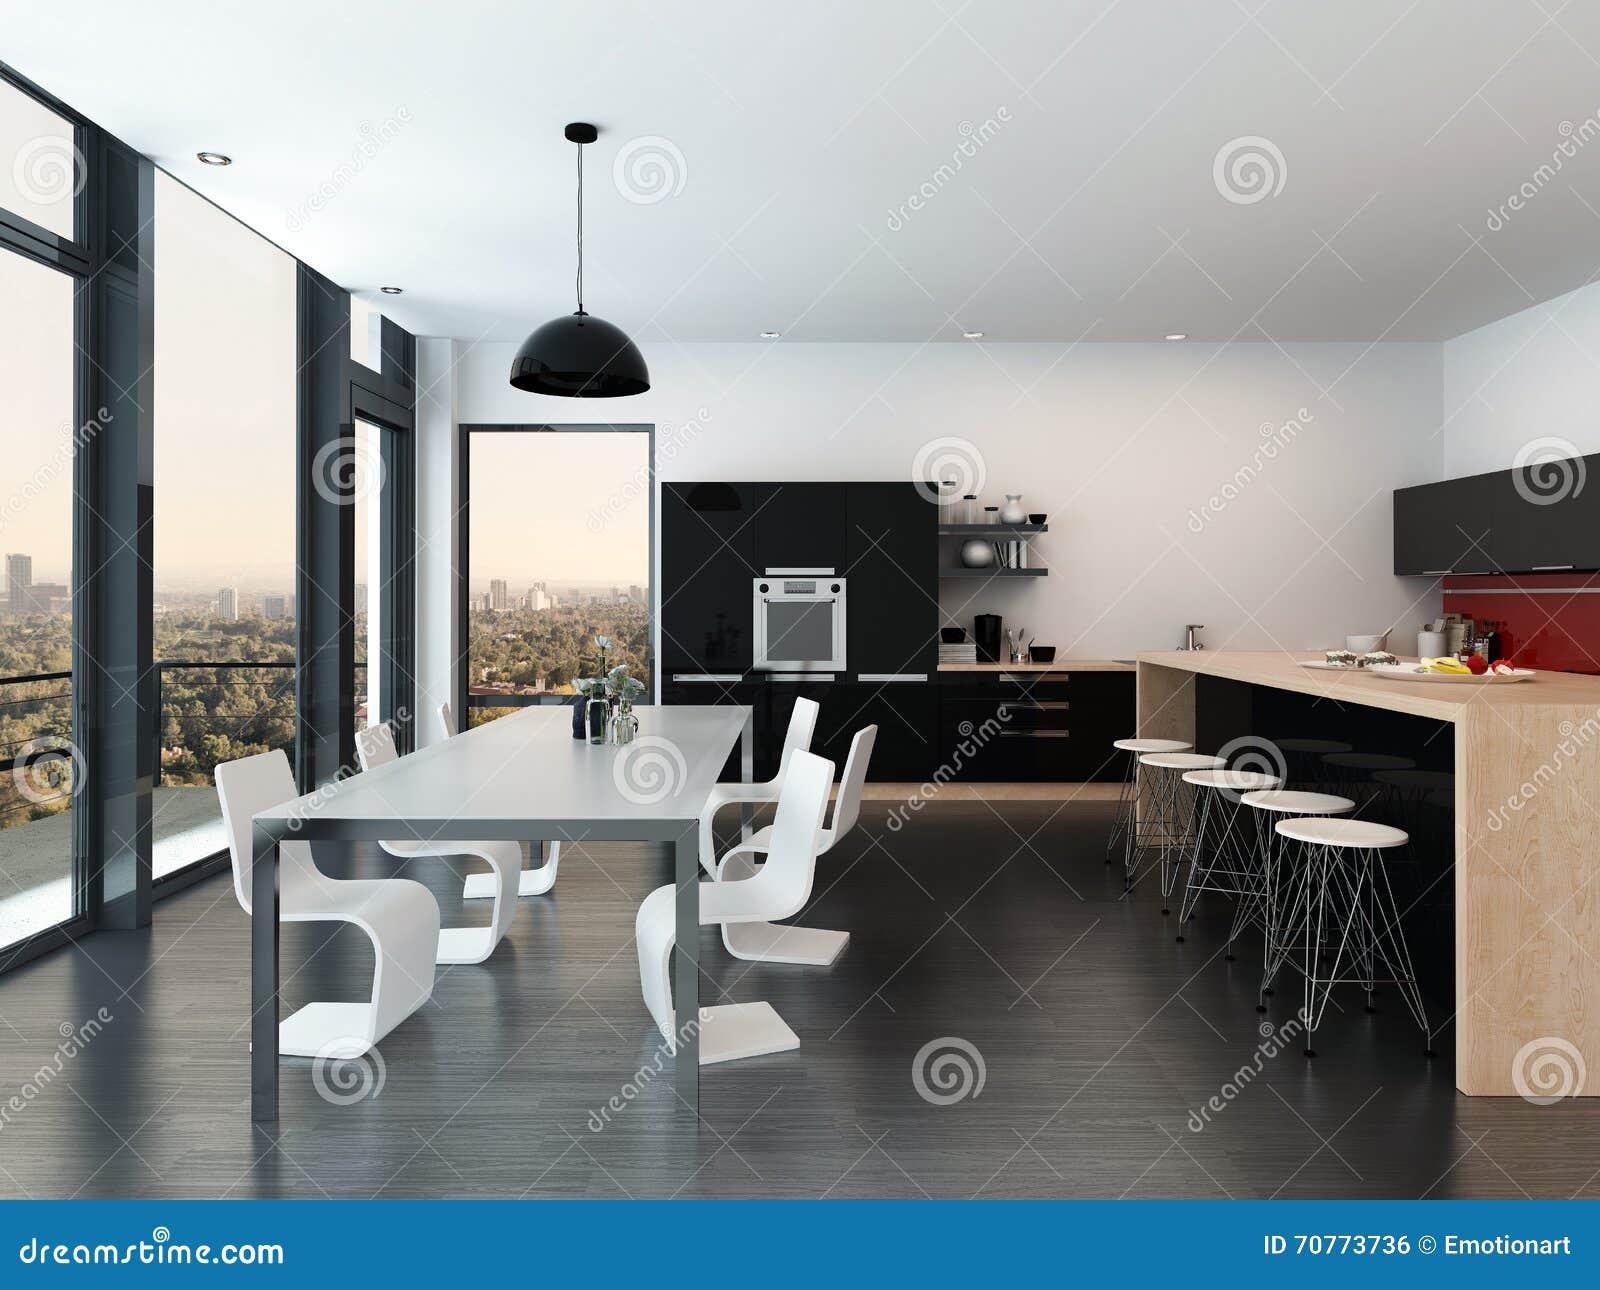 Cuisine Moderne D Ouvert Plan Et Salle A Manger Illustration Stock